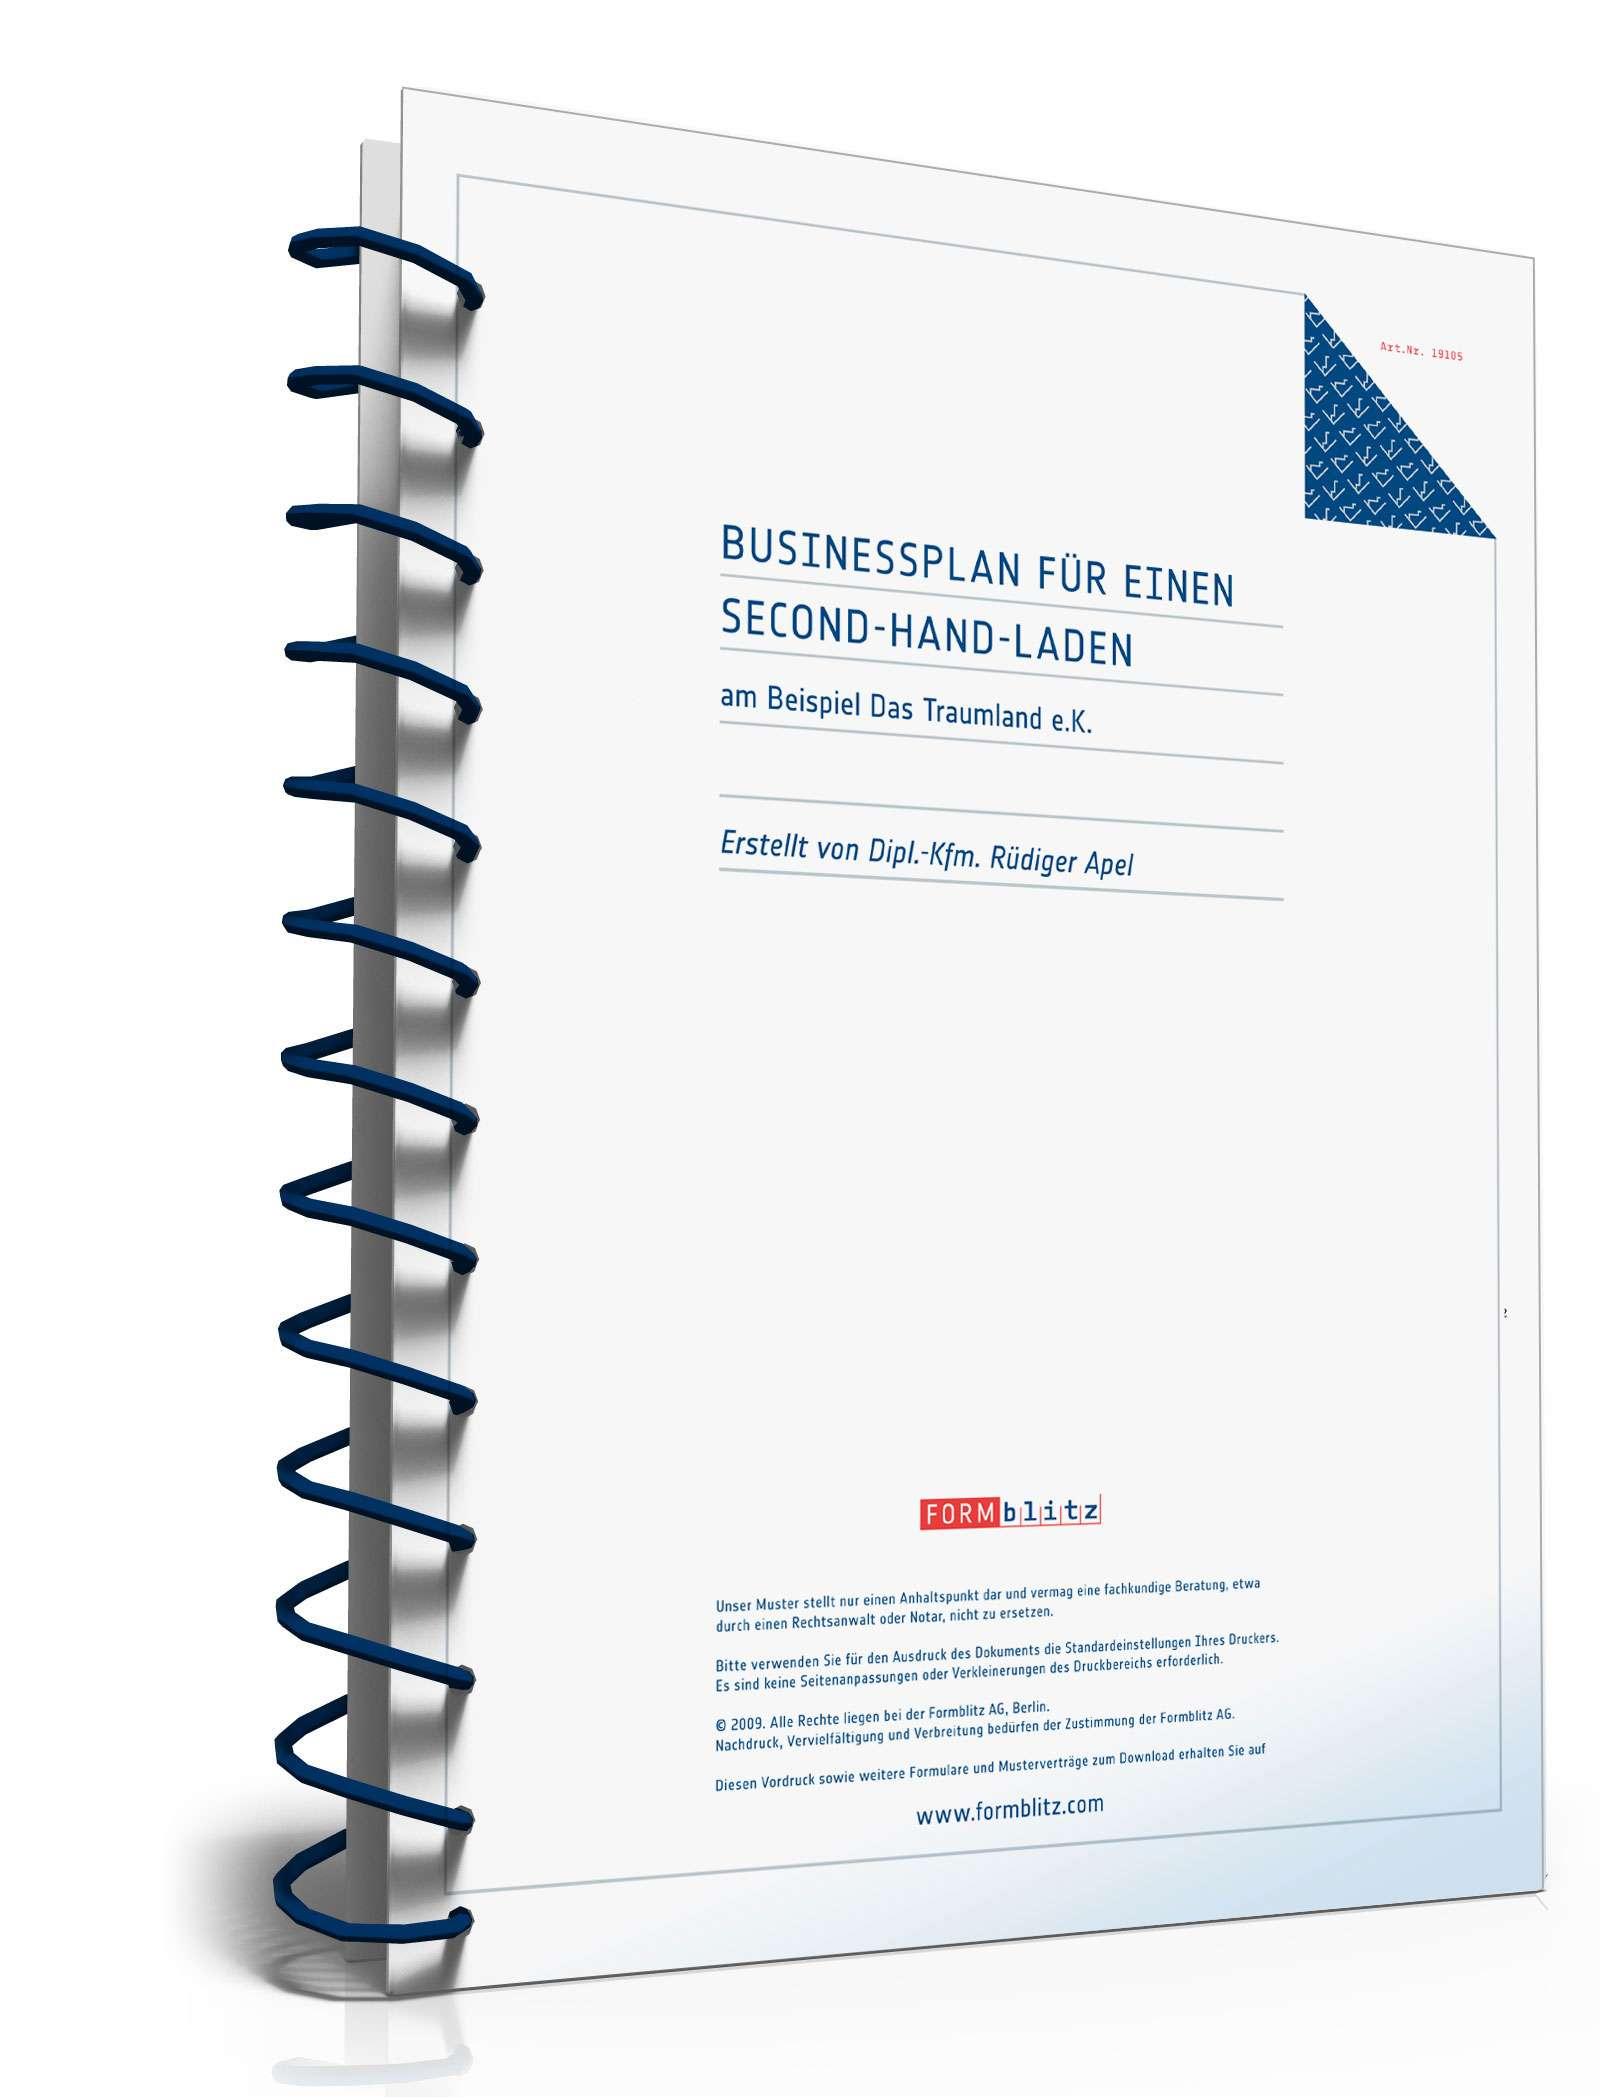 Businessplan Second-Hand-Laden   Muster zum Download